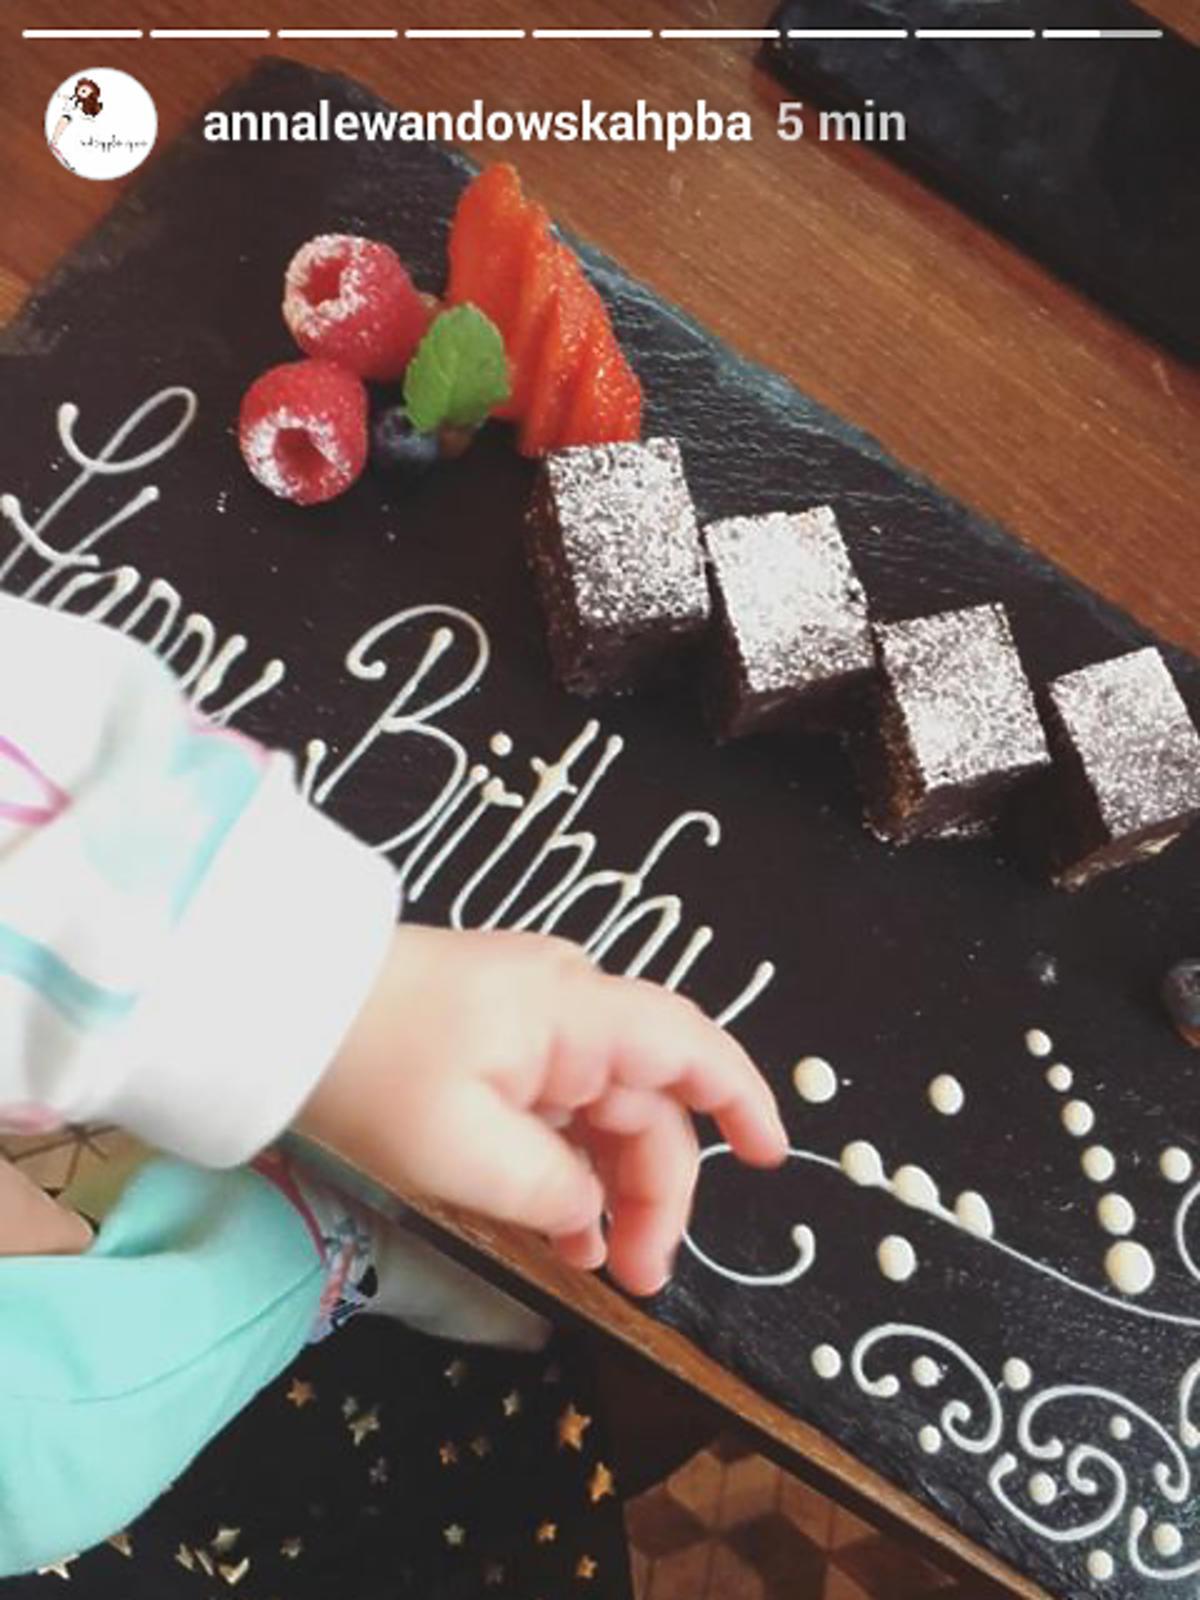 Anna Lewandowska pokazała swój tort urodzinowy